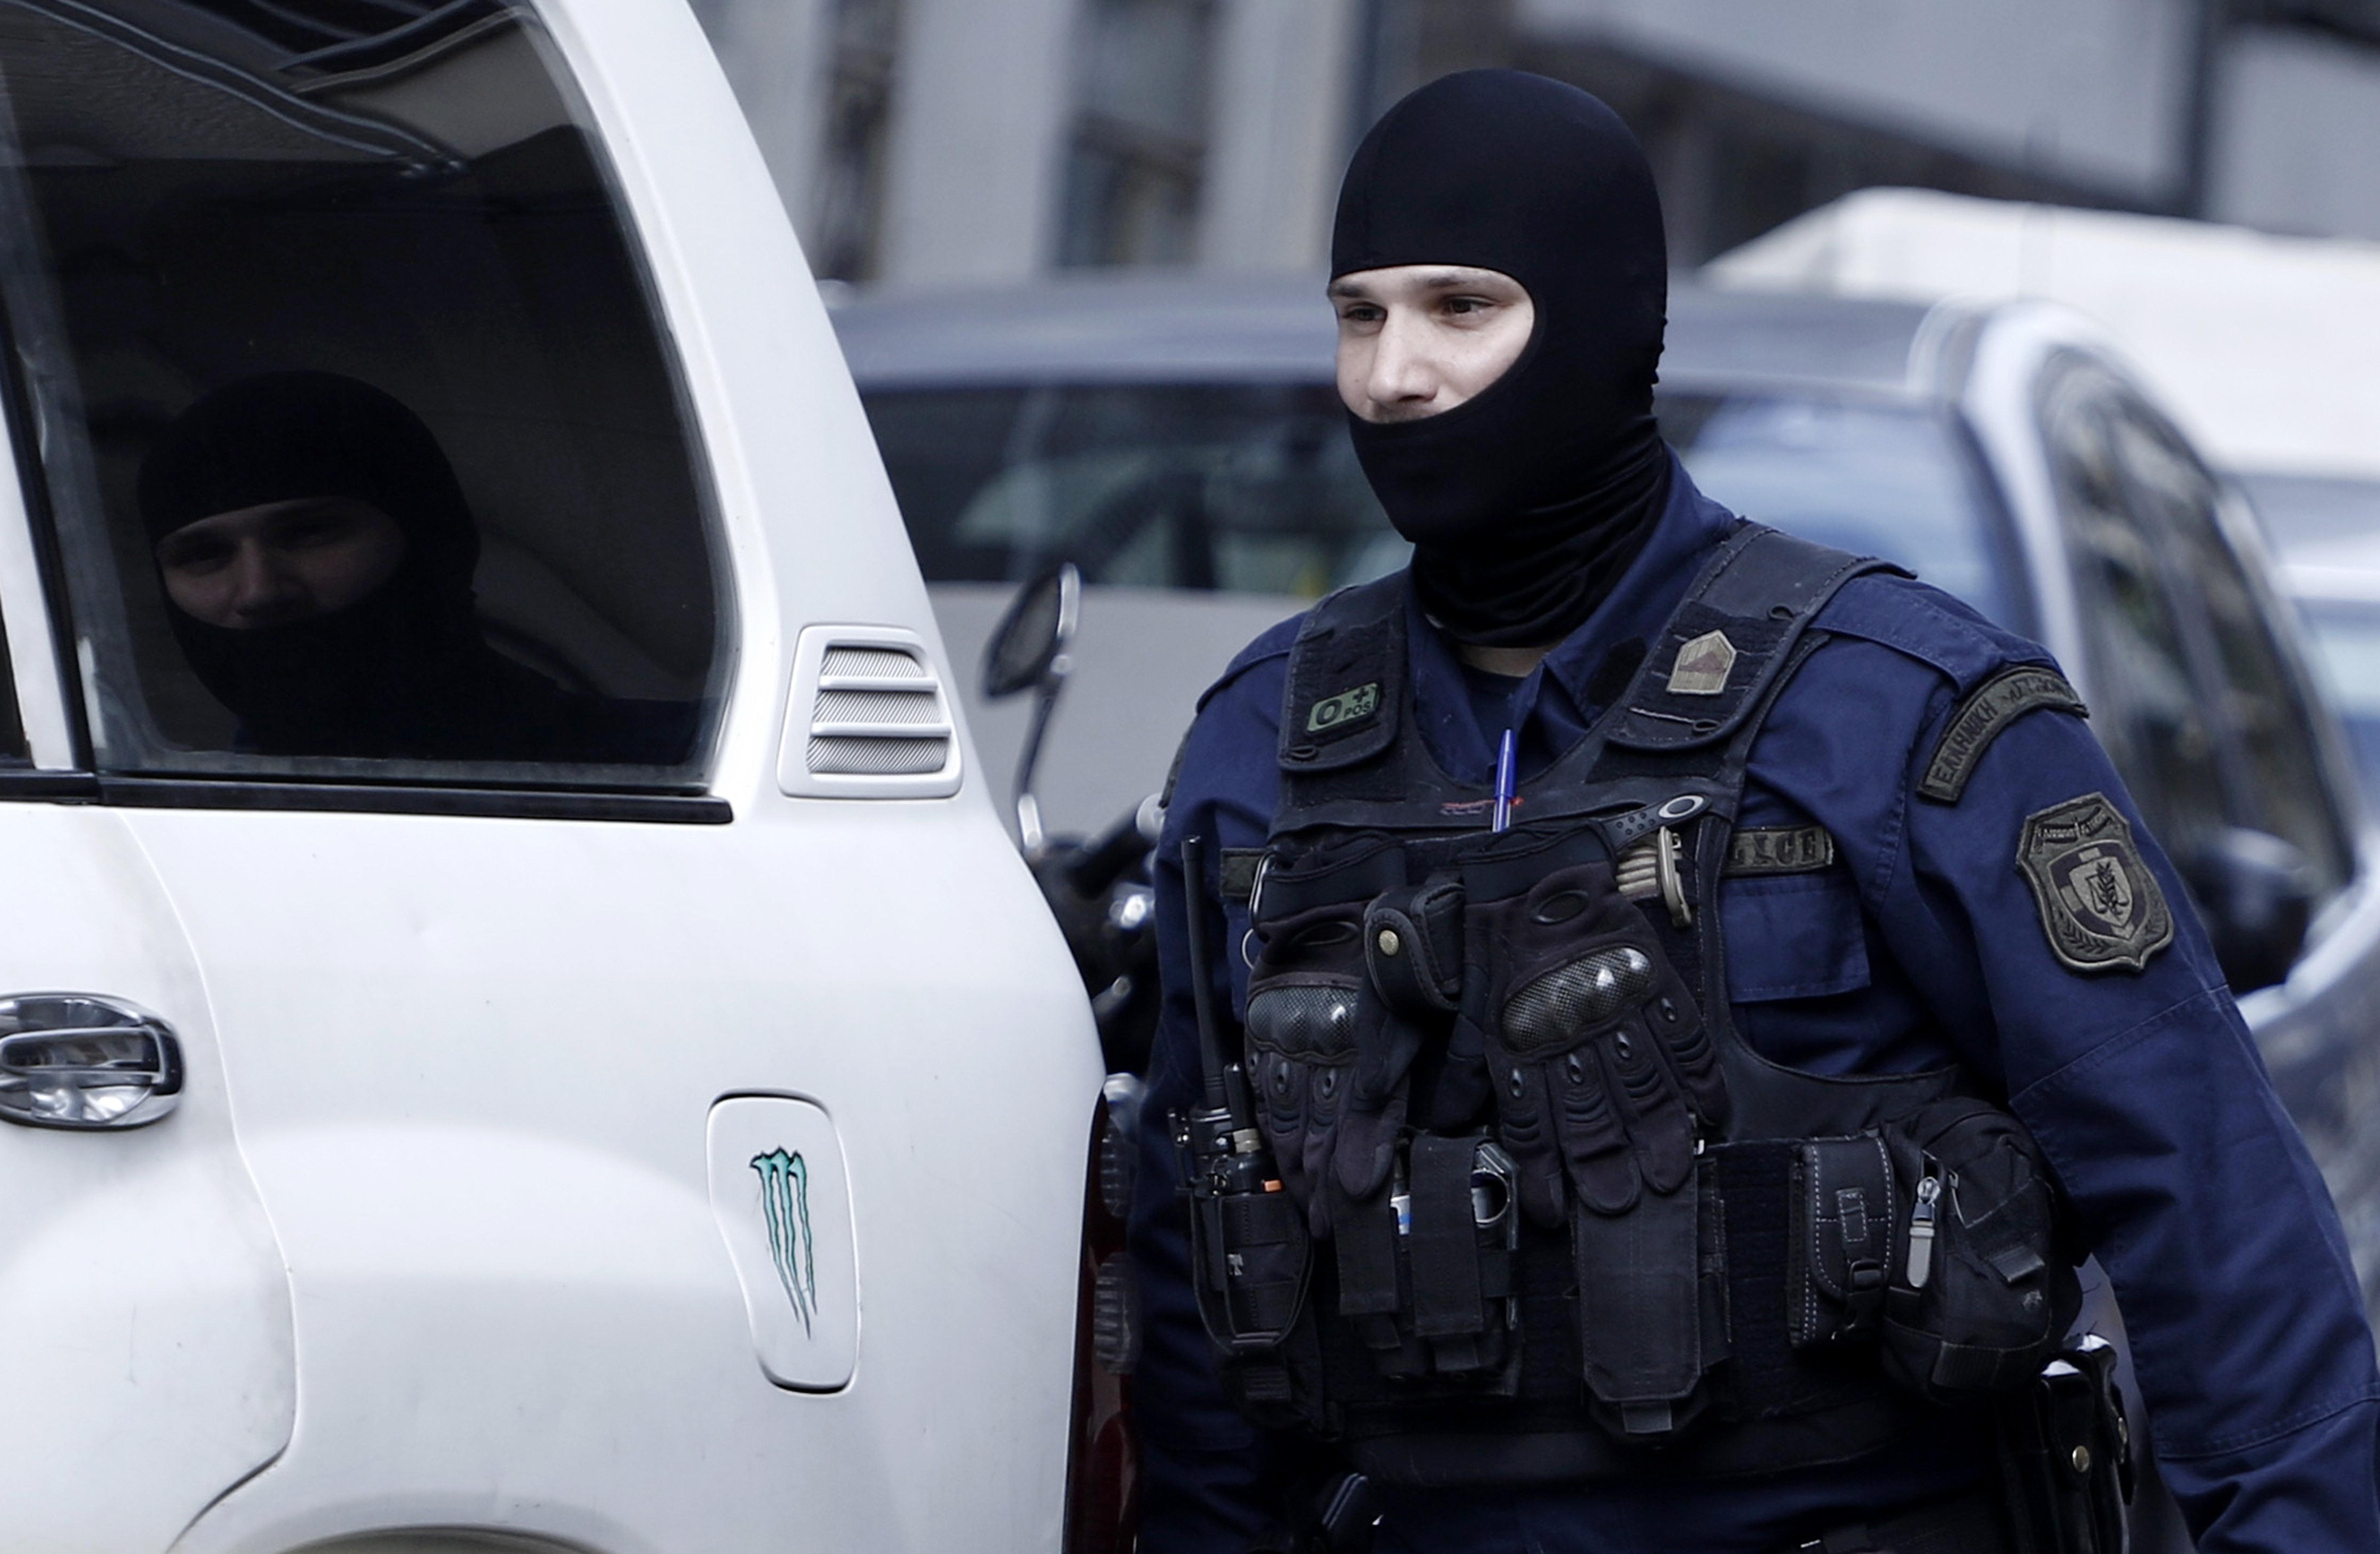 Συλλήψεις ακροδεξιών: Δικηγόρος στα χέρια της Αντιτρομοκρατικής. Βρέθηκε διόπτρα σε